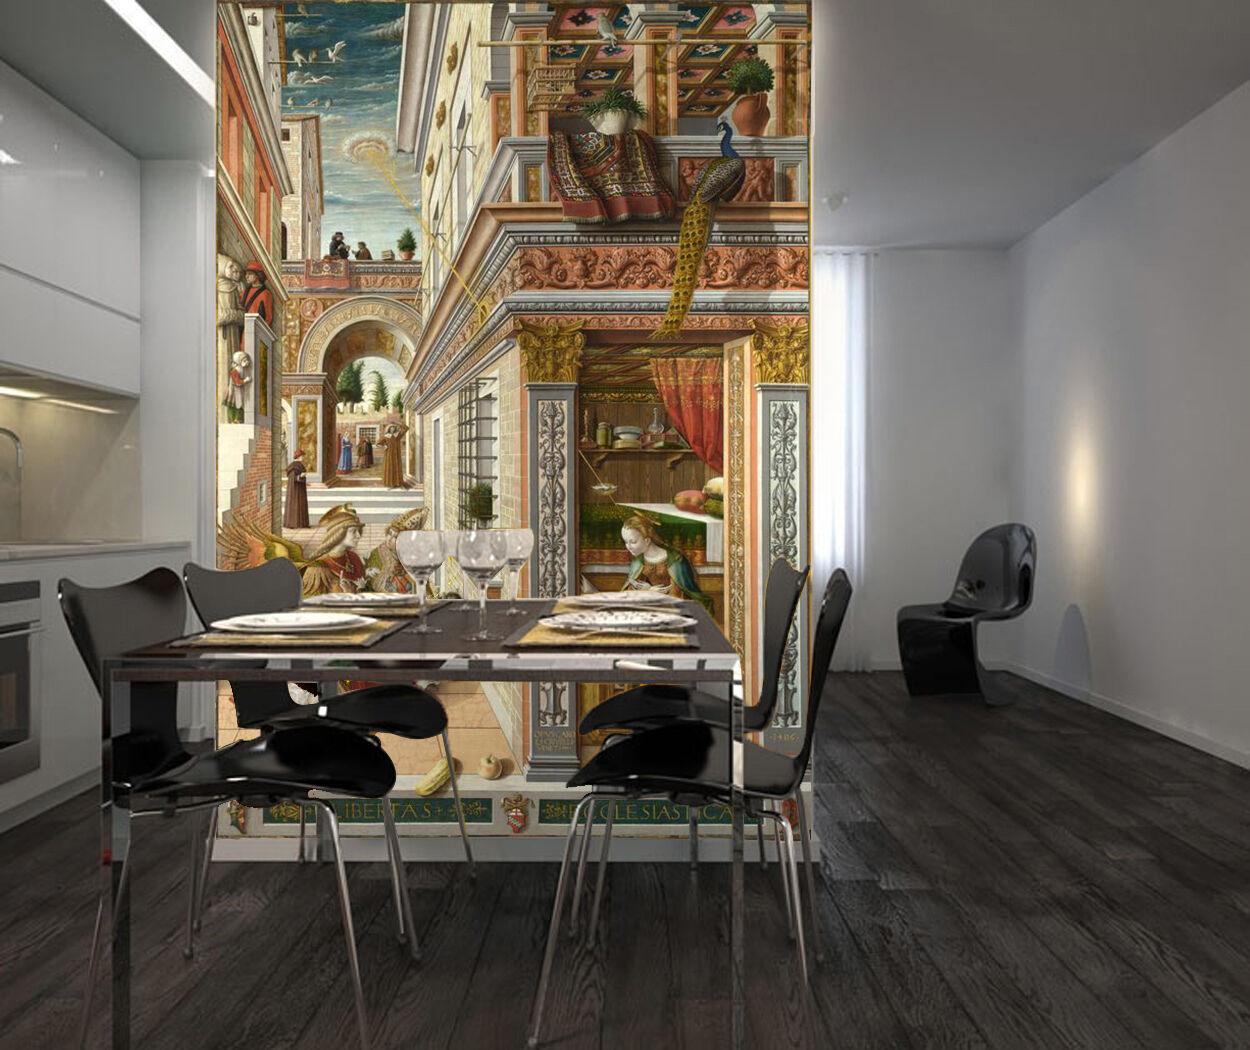 3D Ancient House 775 WallPaper Murals Wall Print Decal Wall Deco AJ WALLPAPER